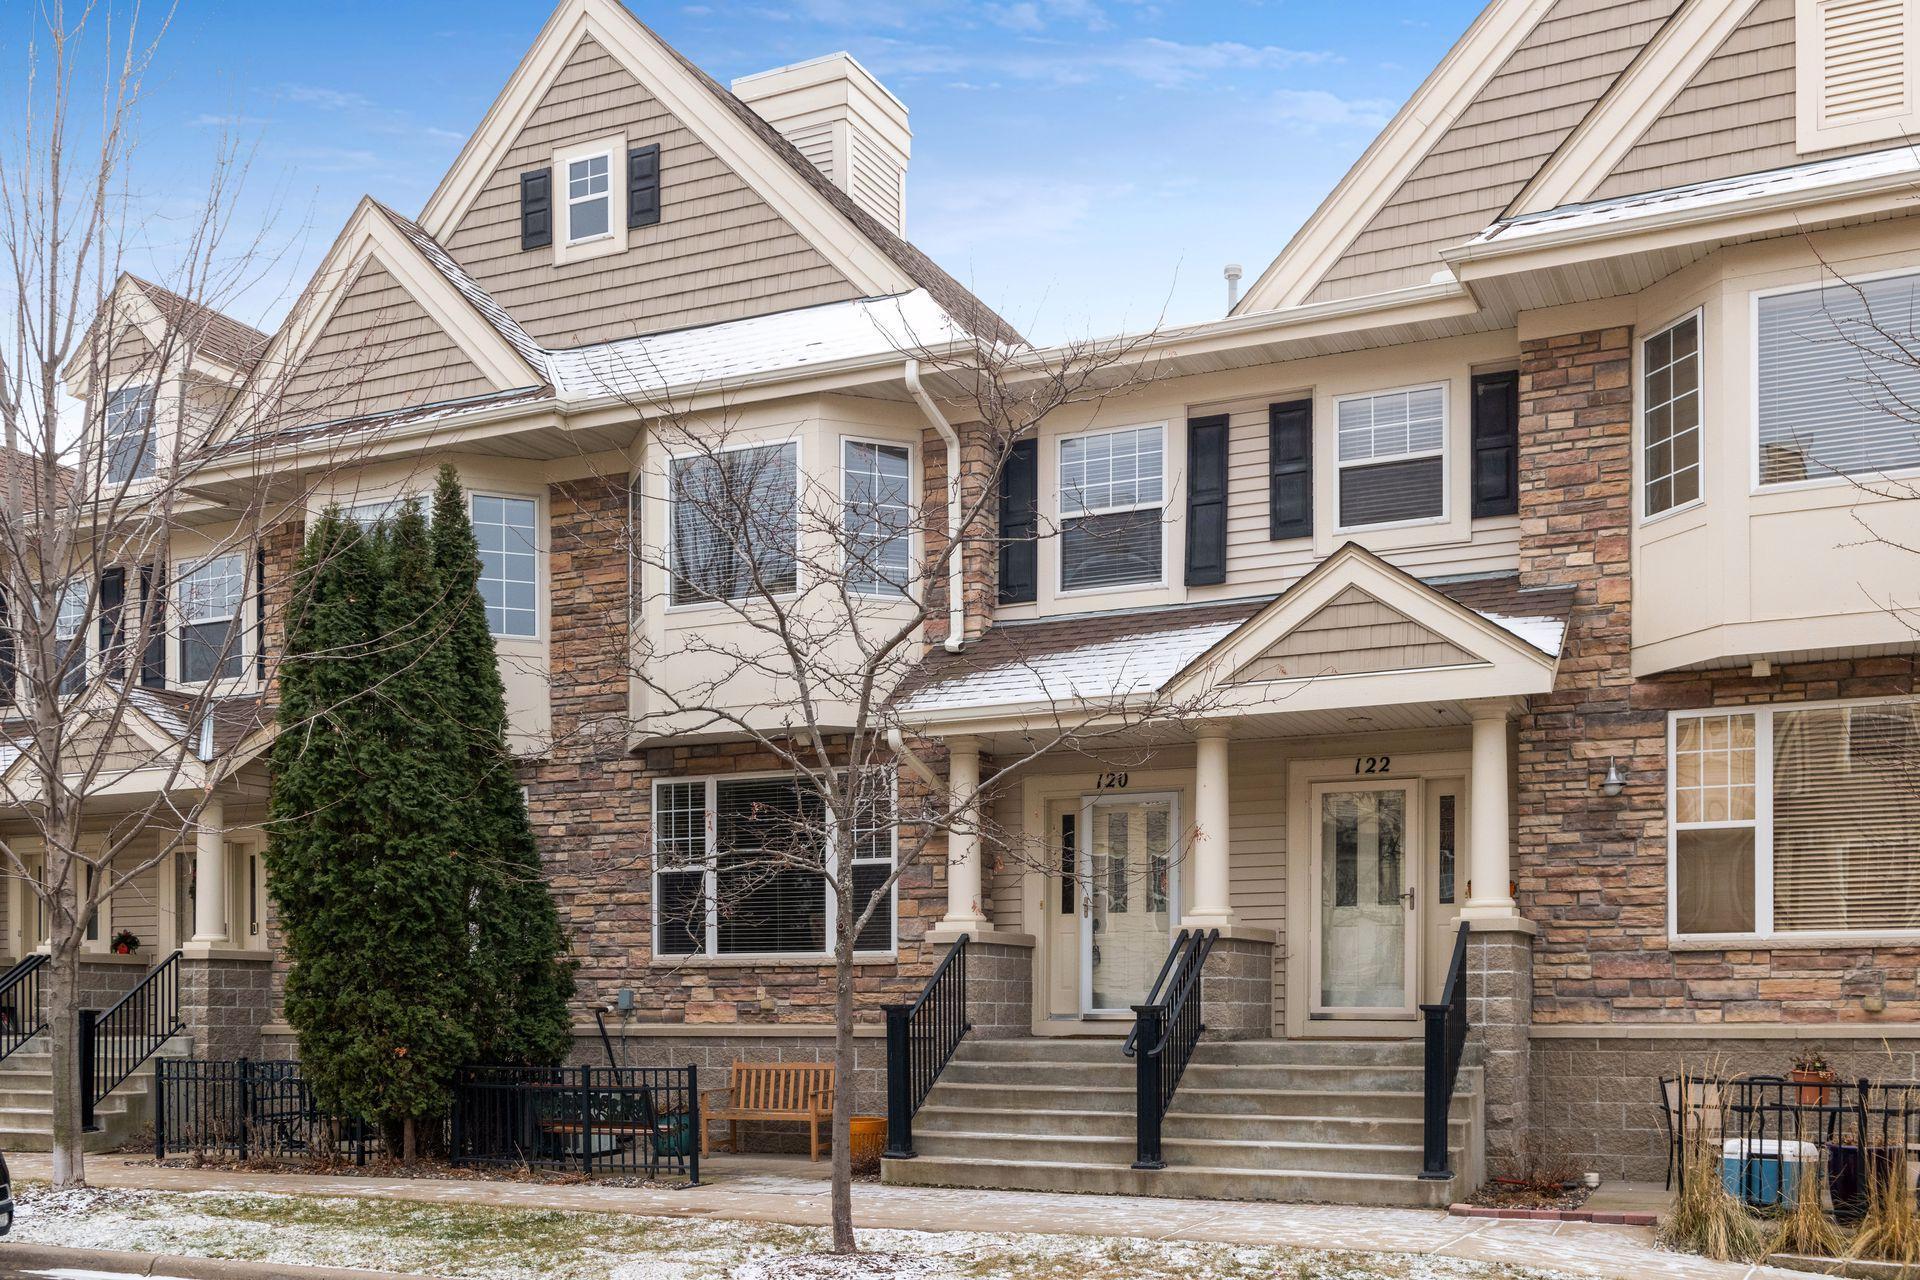 11345 Stratton Avenue #120 Property Photo - Eden Prairie, MN real estate listing